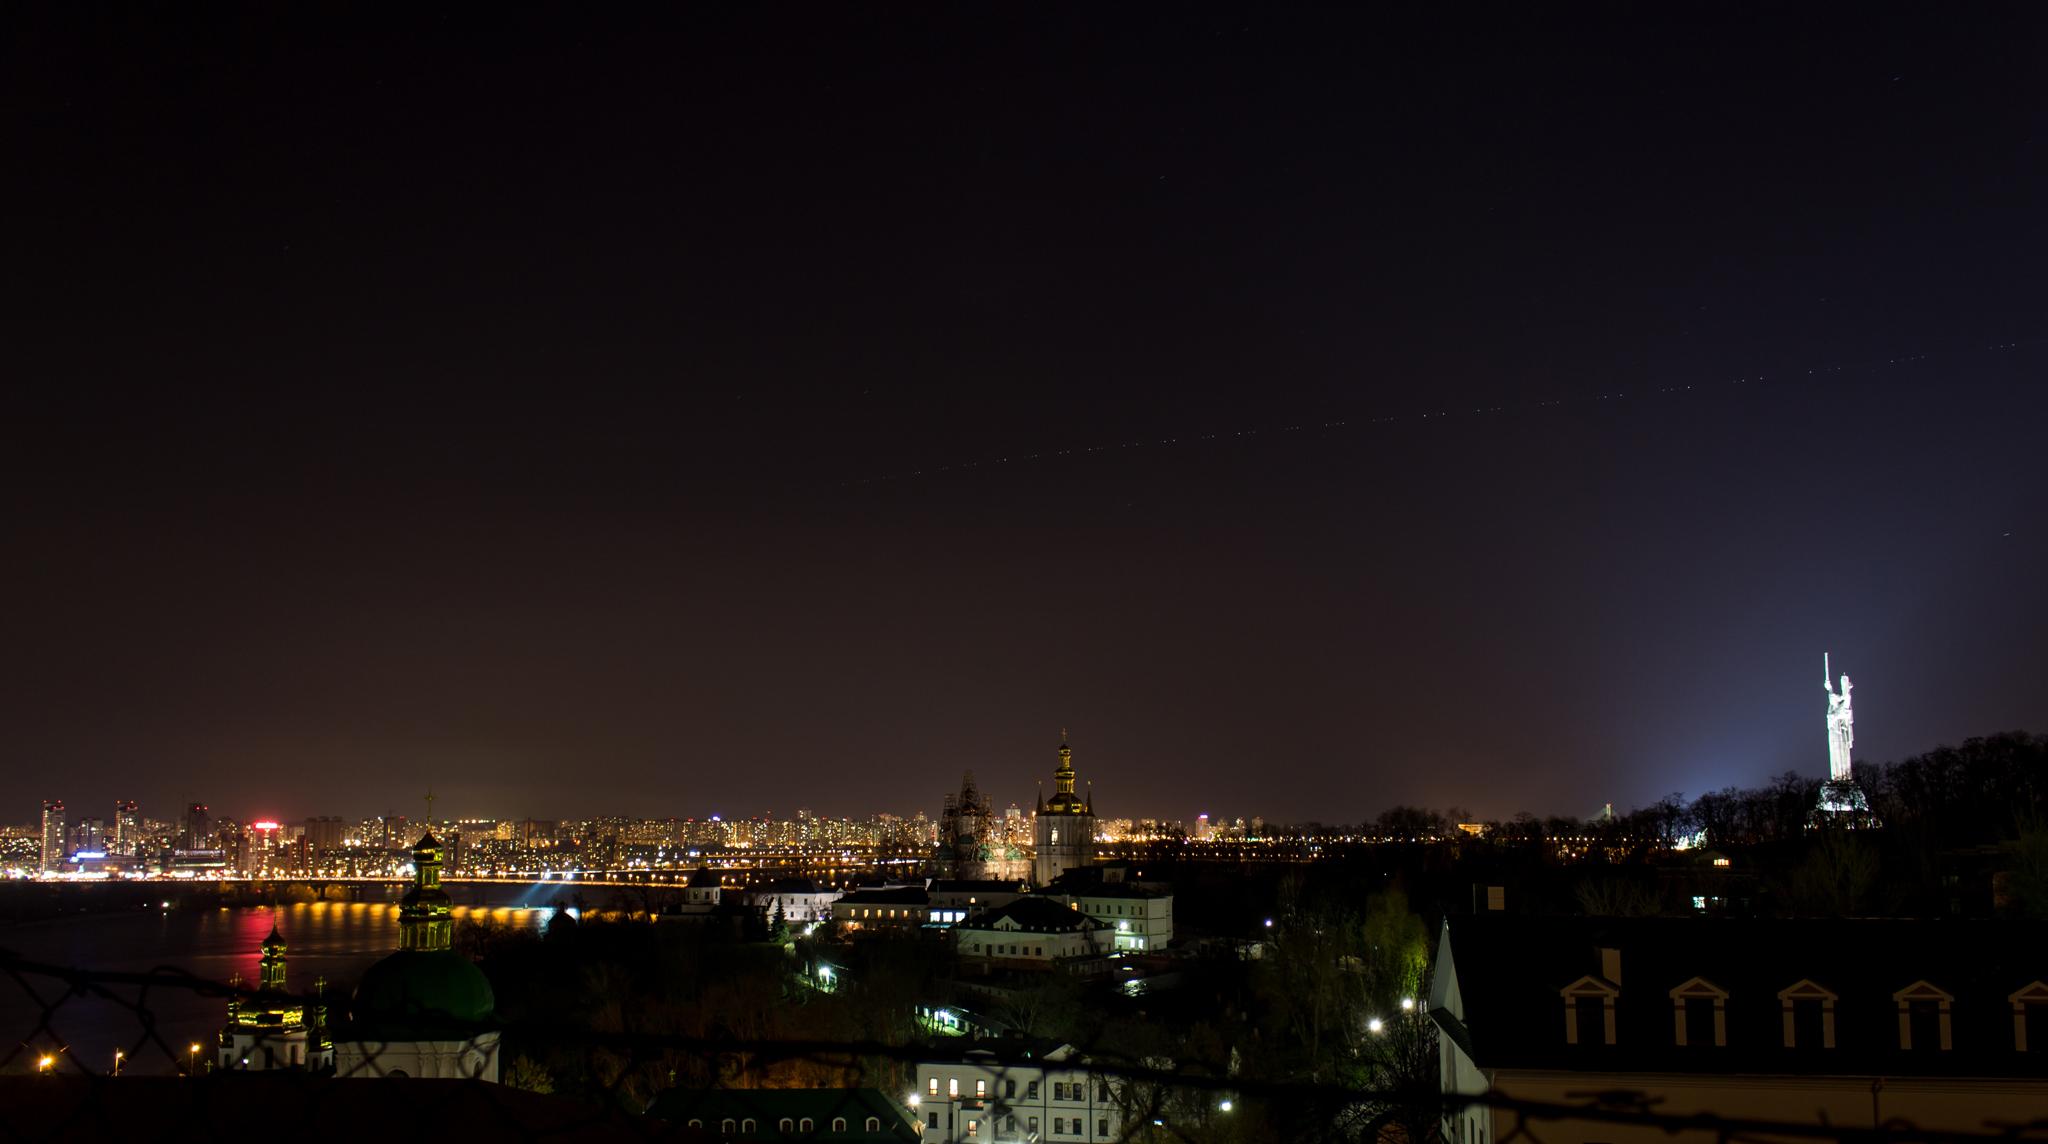 фото киева ночного